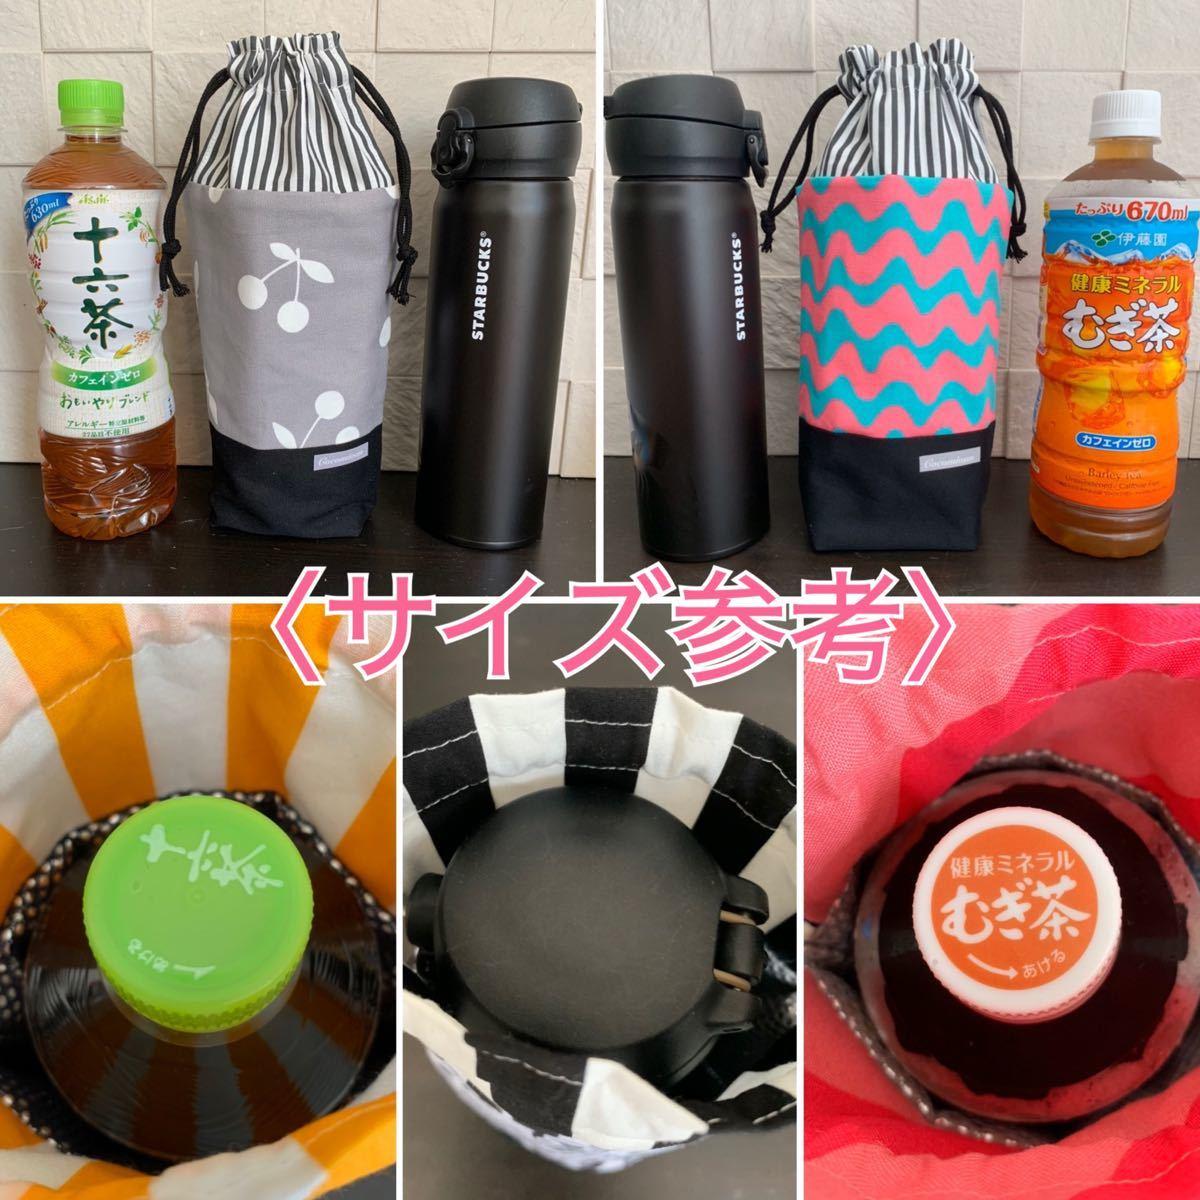 ペットボトル/水筒ホルダー  ペットボトルカバー